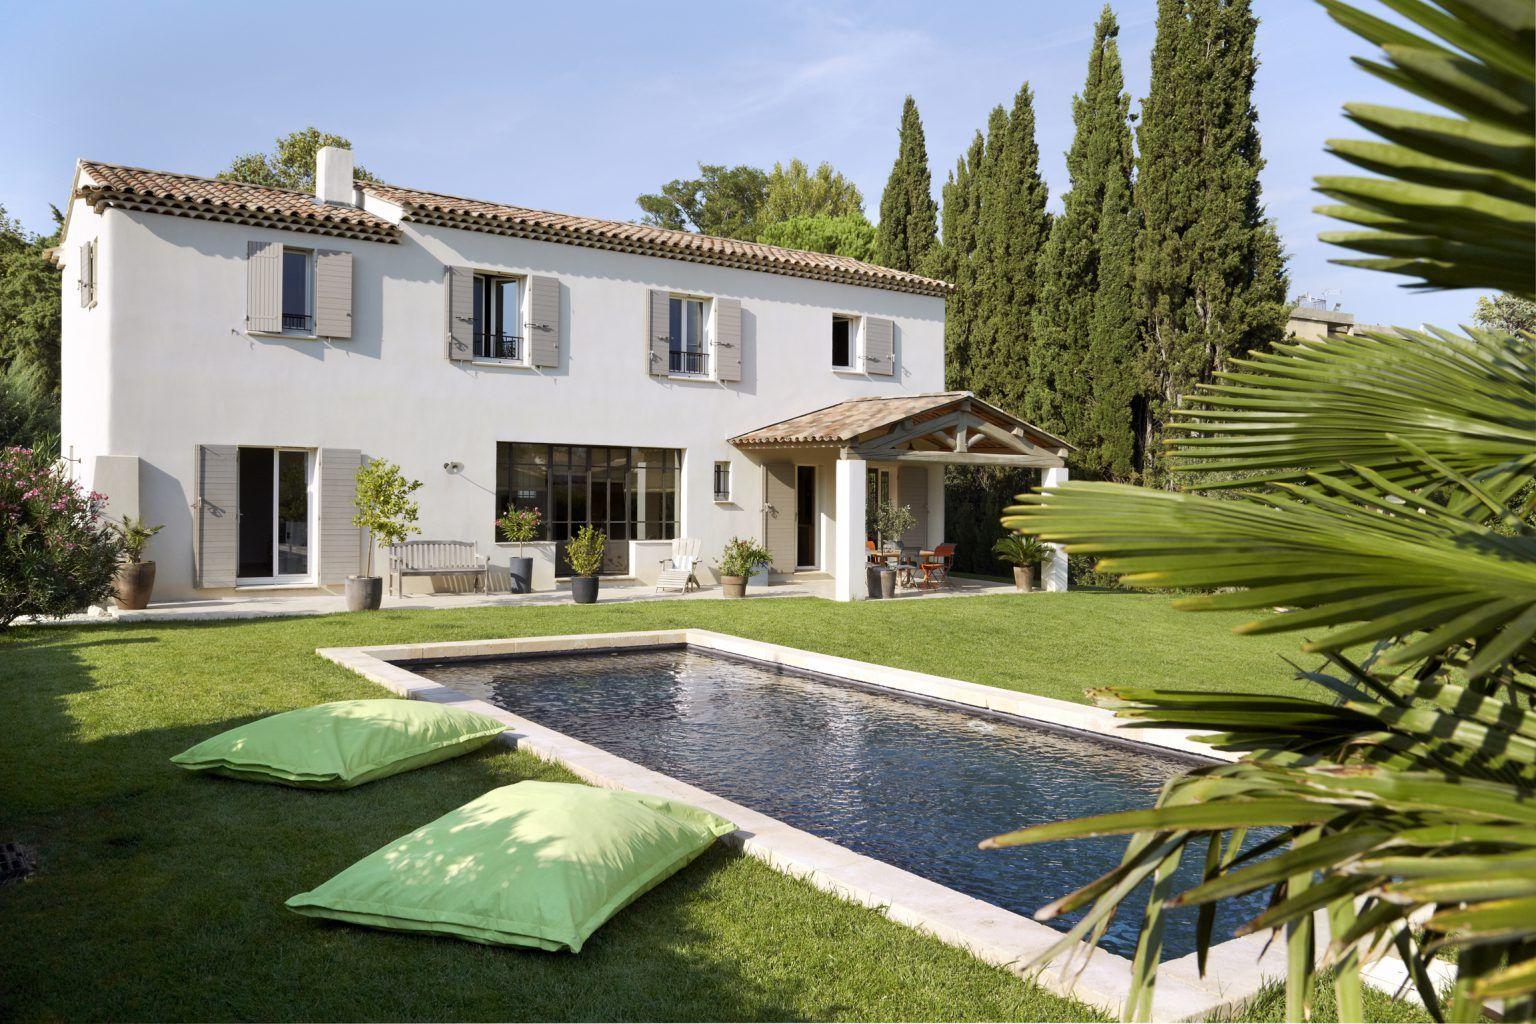 Cool maison mas provence prsente sa ligne de maisons de for Construire une maison gratuit en ligne